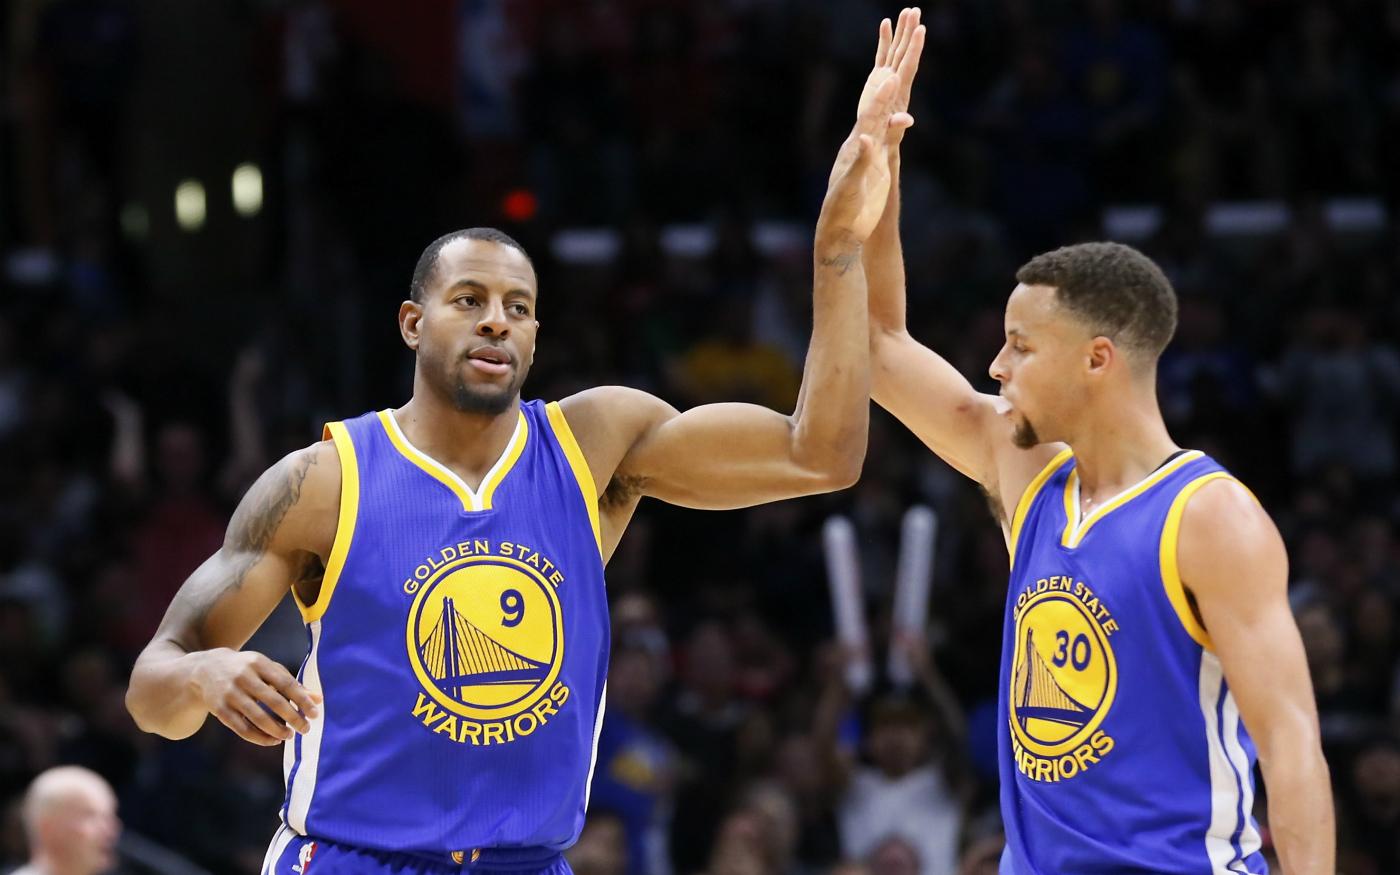 Vertigineux, le top 10 de la saison des Golden State Warriors